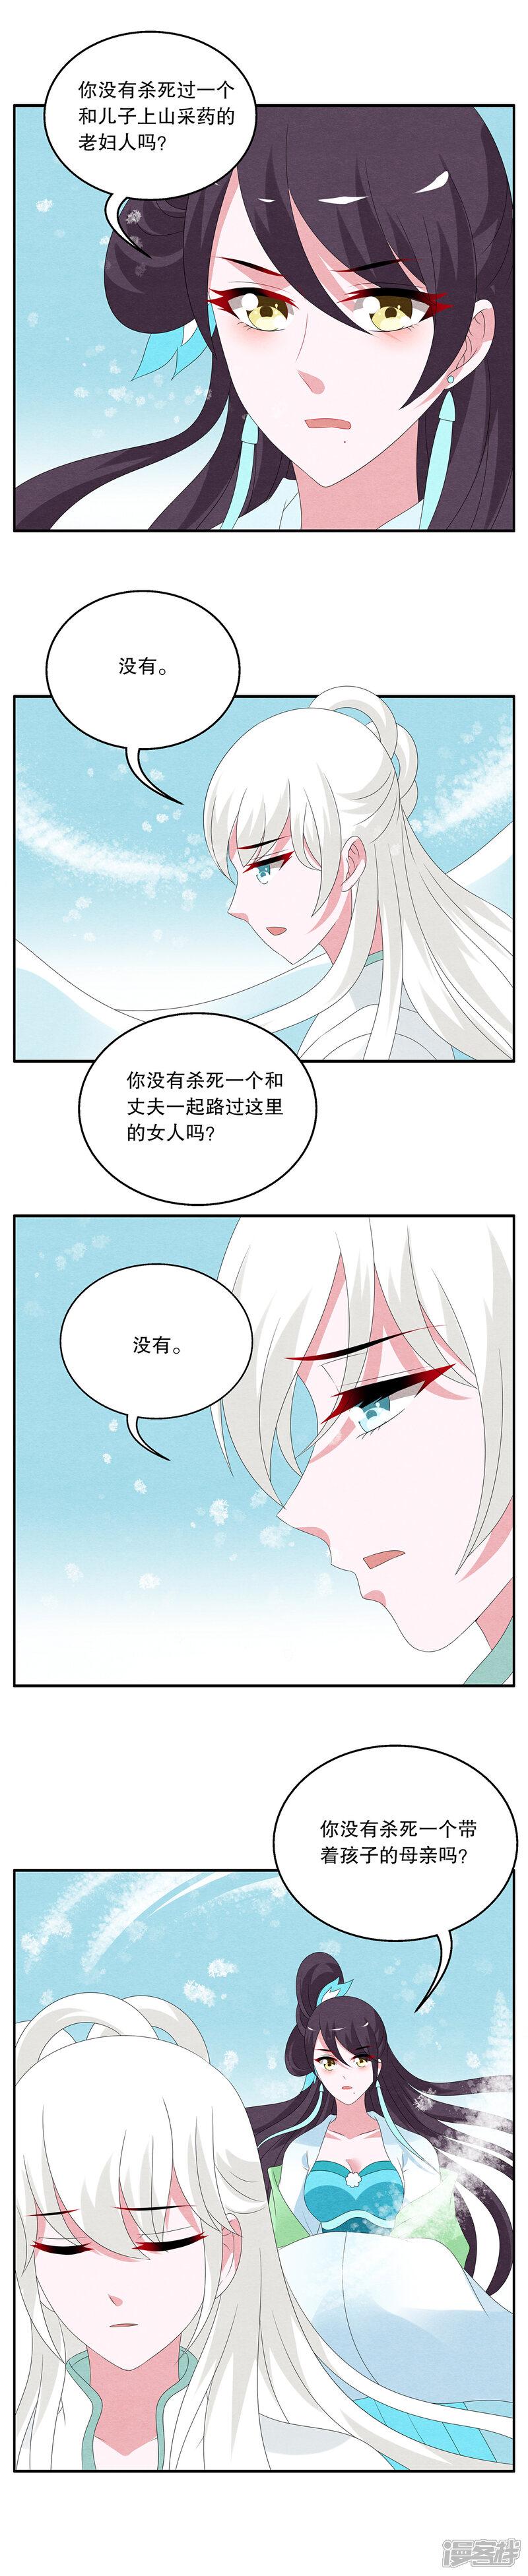 洛小妖90910011.JPG